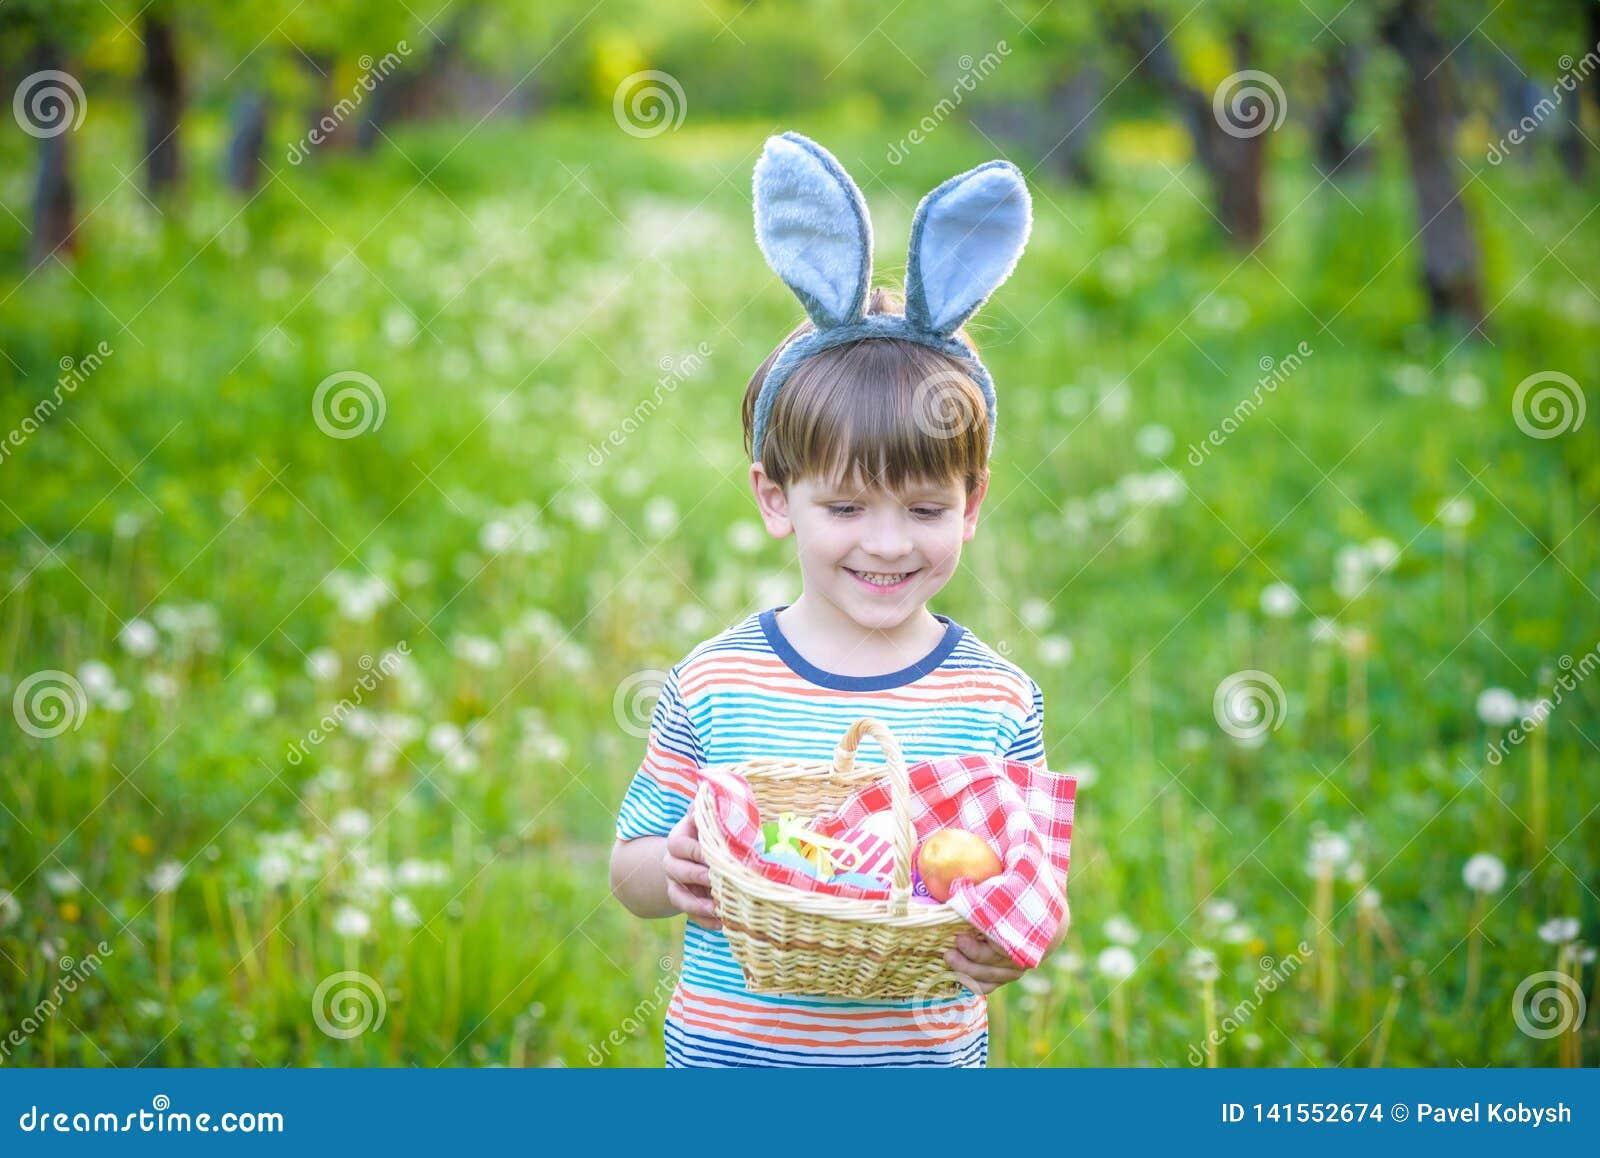 Śliczna małe dziecko chłopiec z królików ucho ma zabawę z tradycyjnymi Wielkanocnymi jajkami tropi